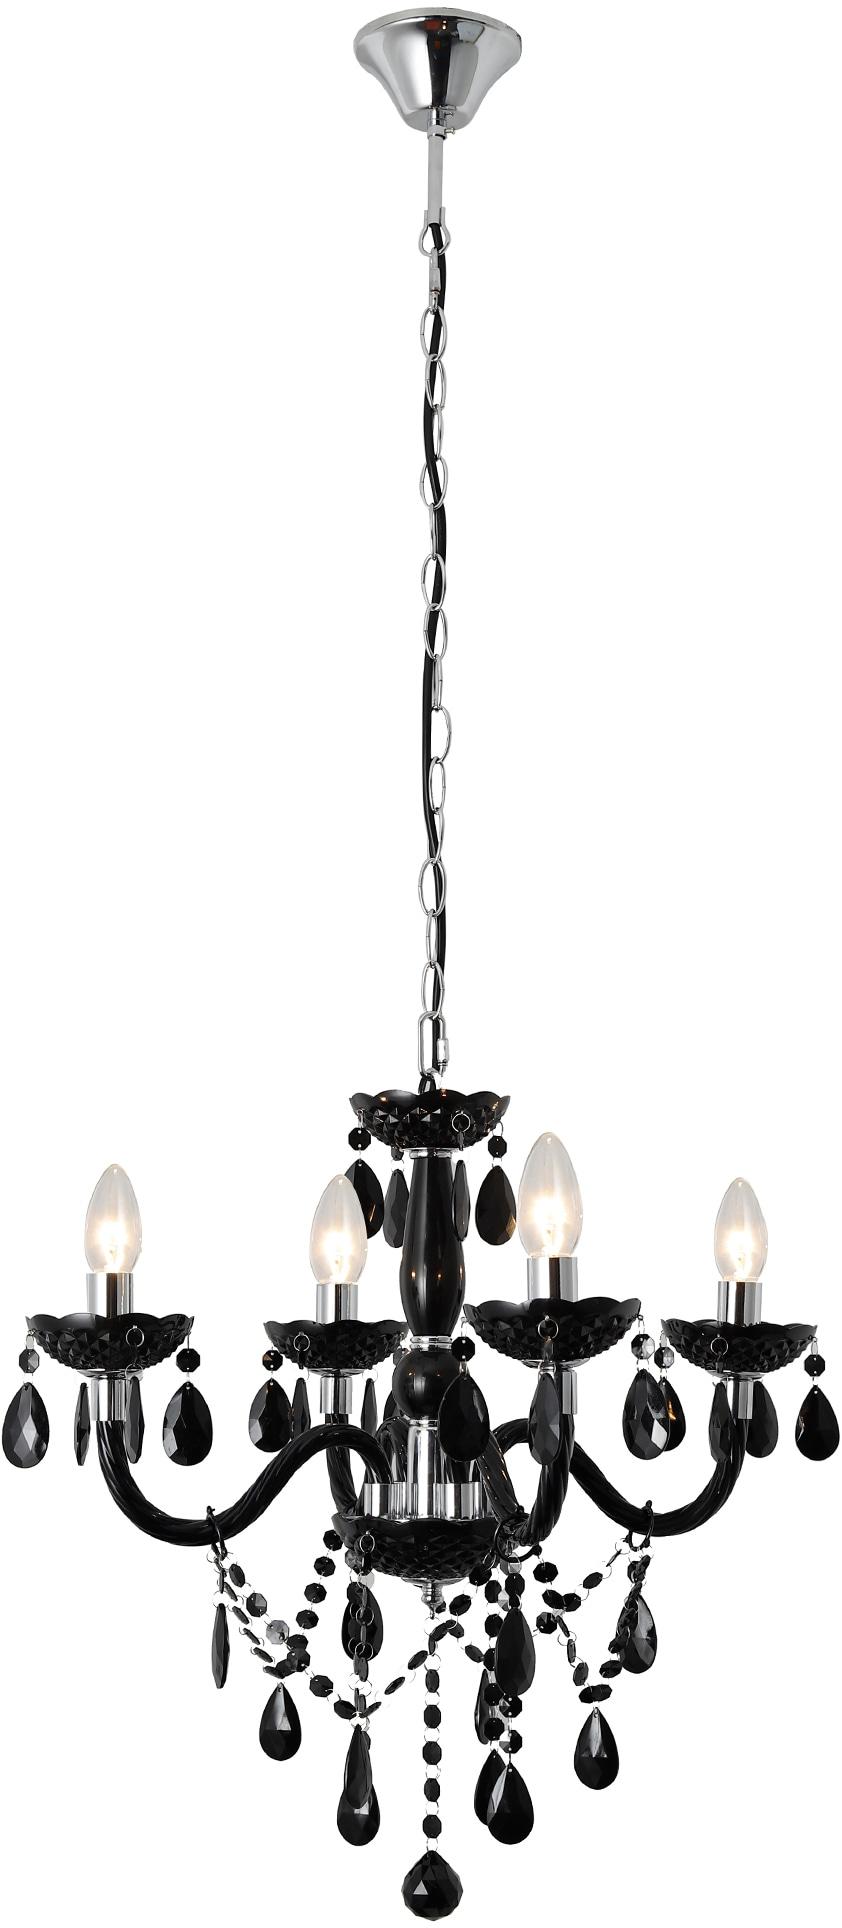 SalesFever Kronleuchter Matteo, E14, 4 Flammen aus schwarzem Acryl-Glas